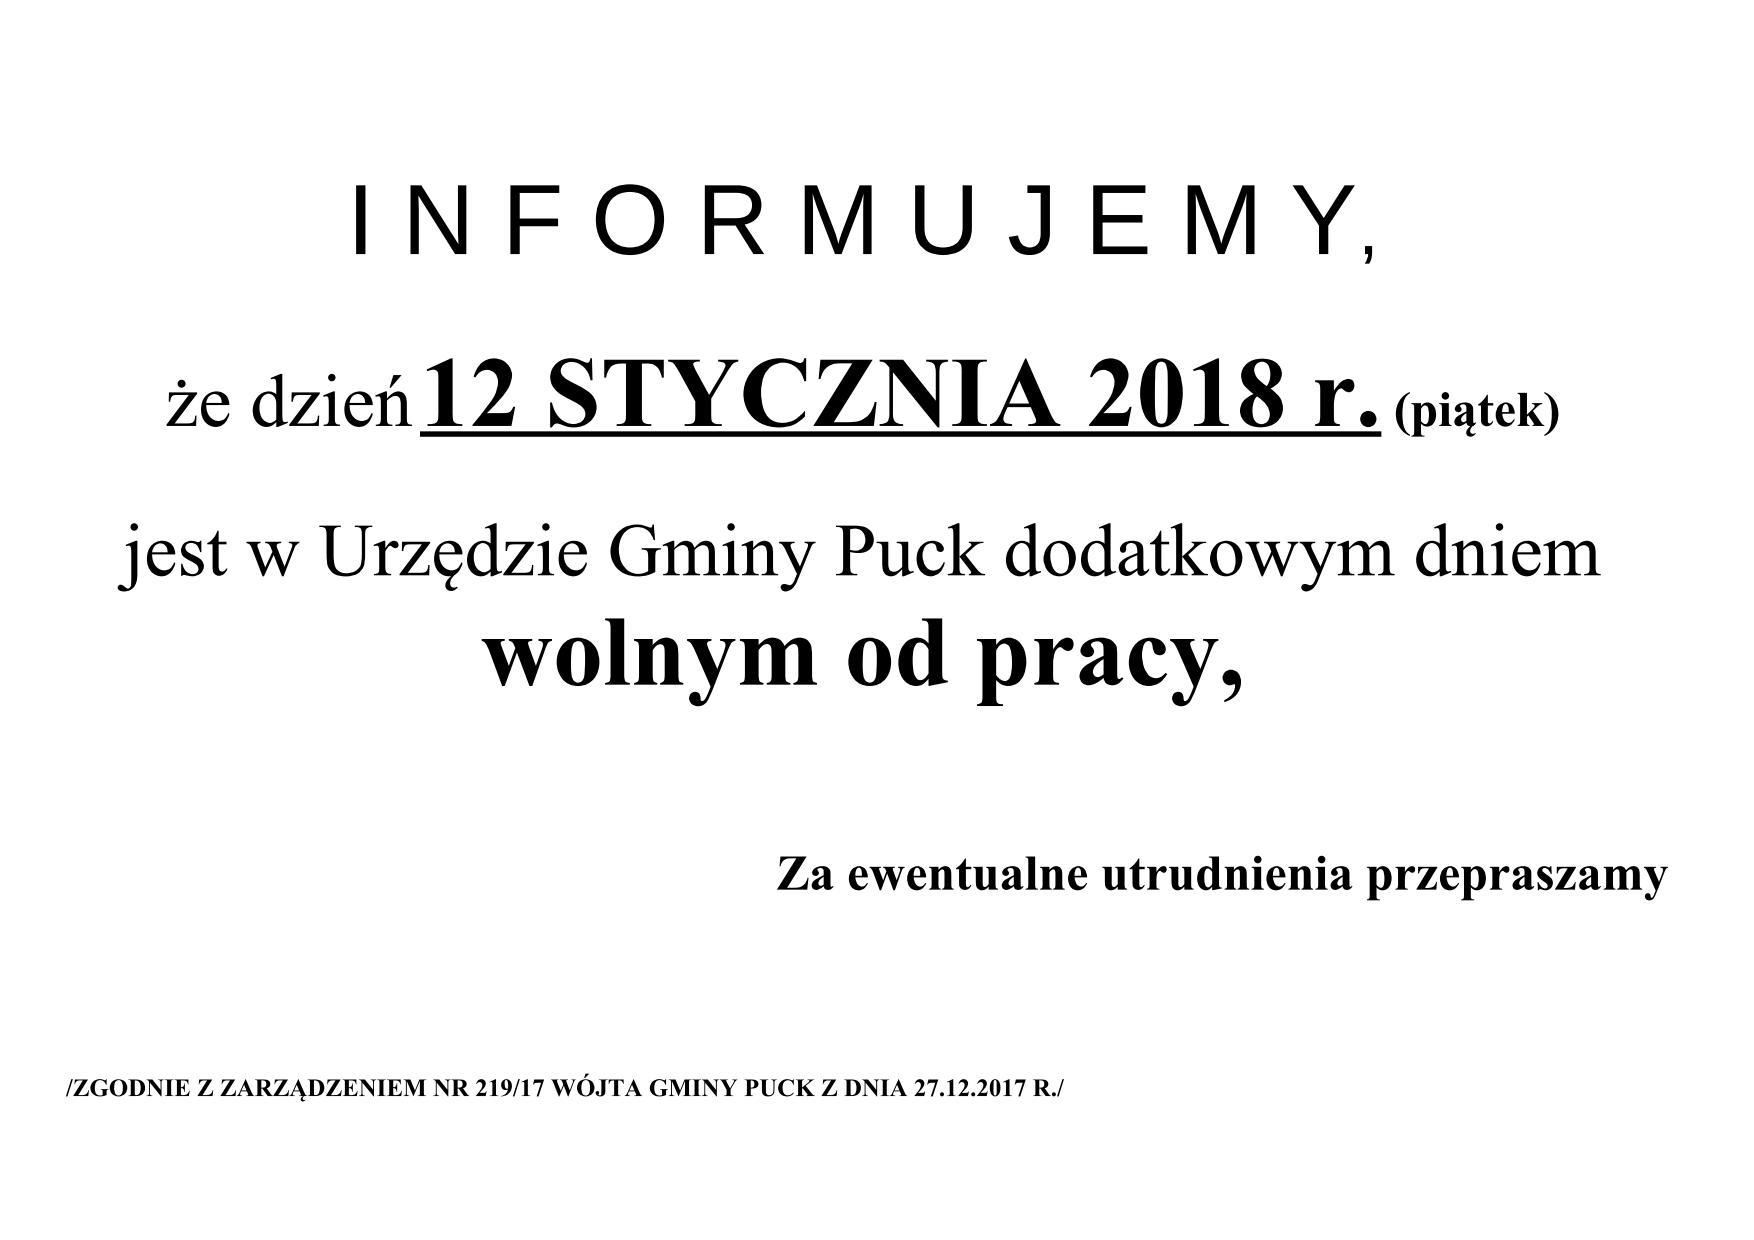 INFORMACJA UG NECZYNNY 12.01.2018_Urząd Gminy Puck informuje_01